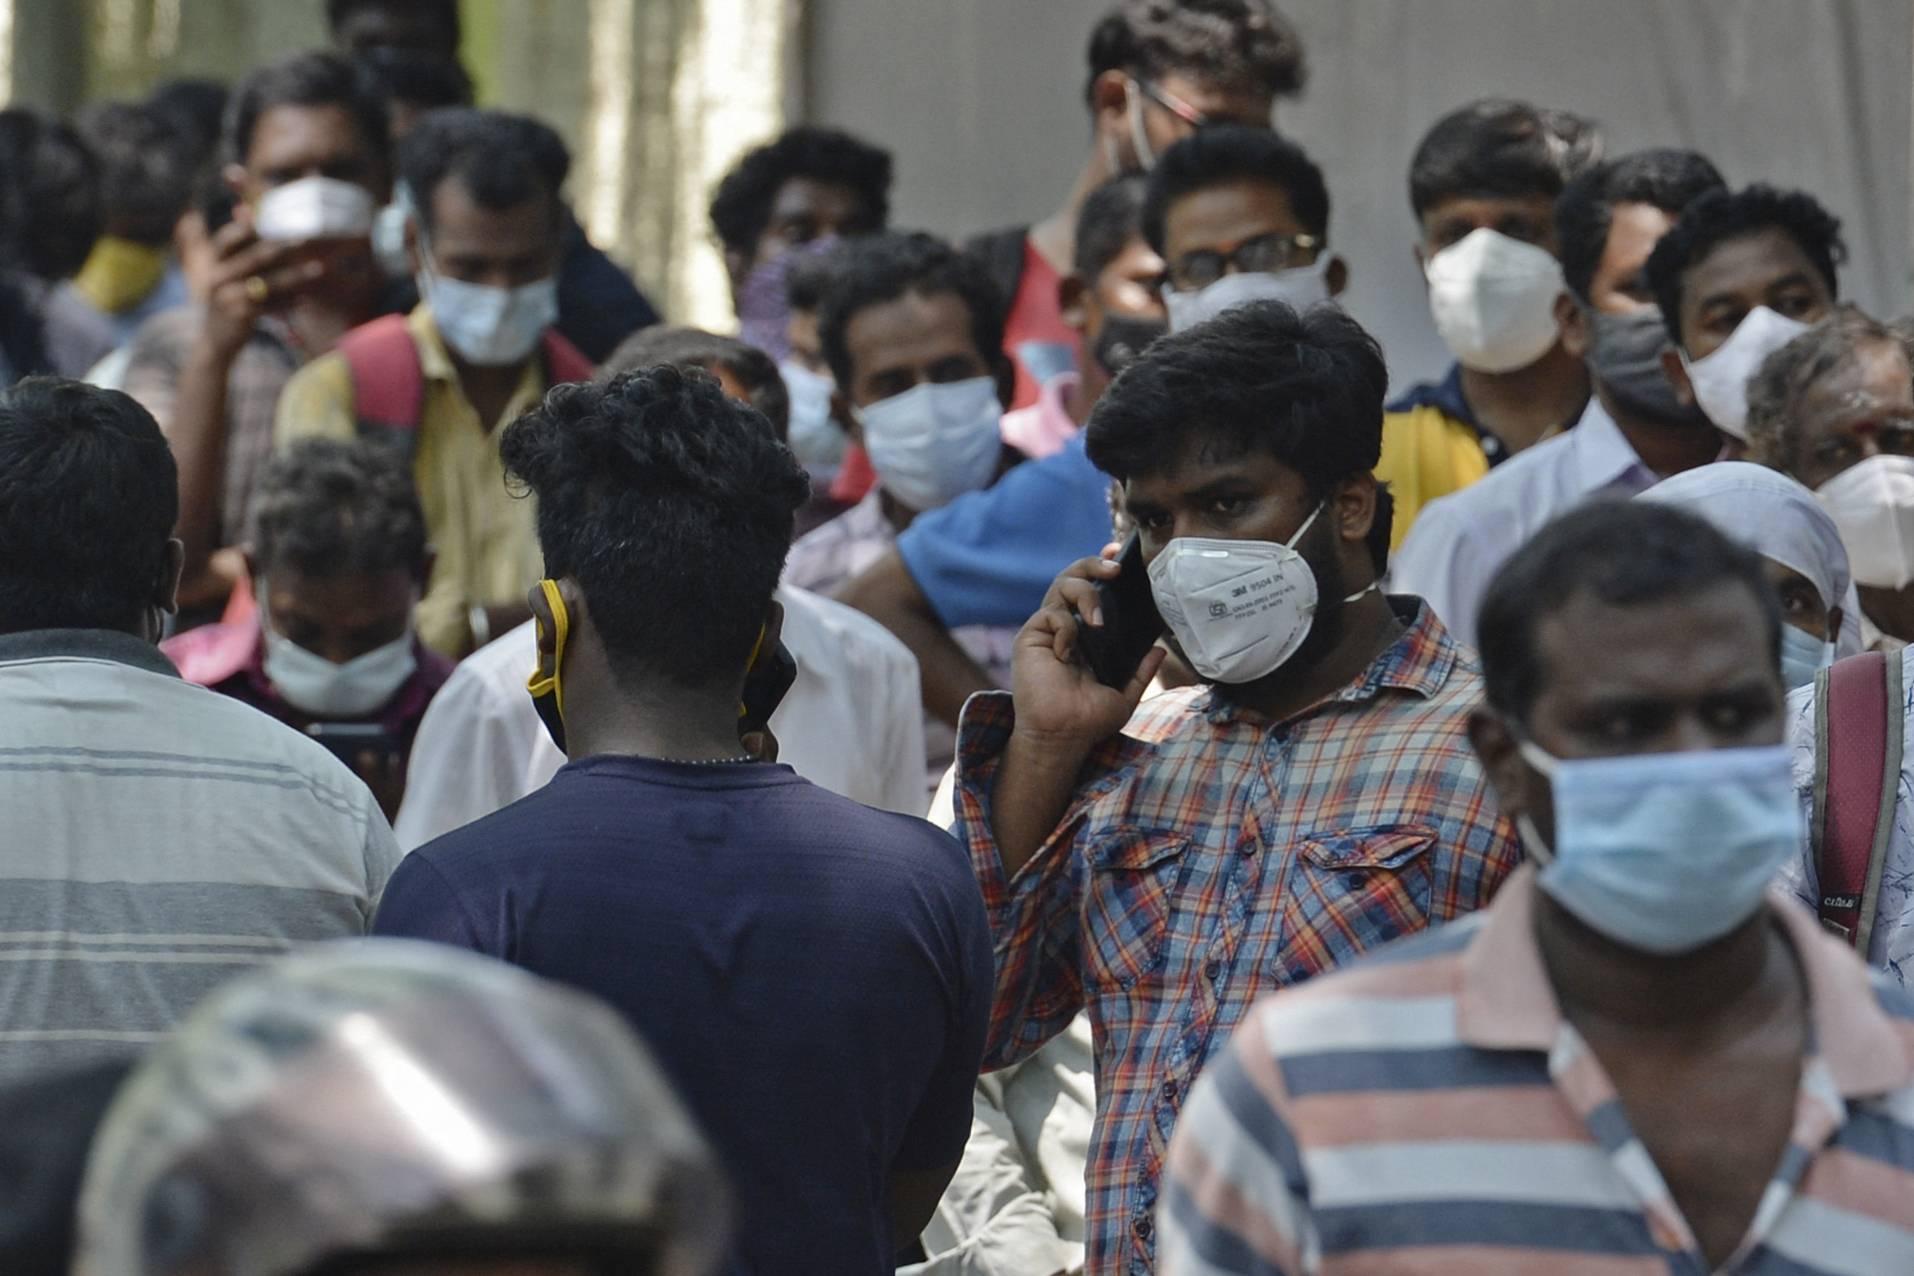 Người dân xếp hàng bên ngoài quầy thuốc để mua remdesivir ở Chennai, Ấn Độ